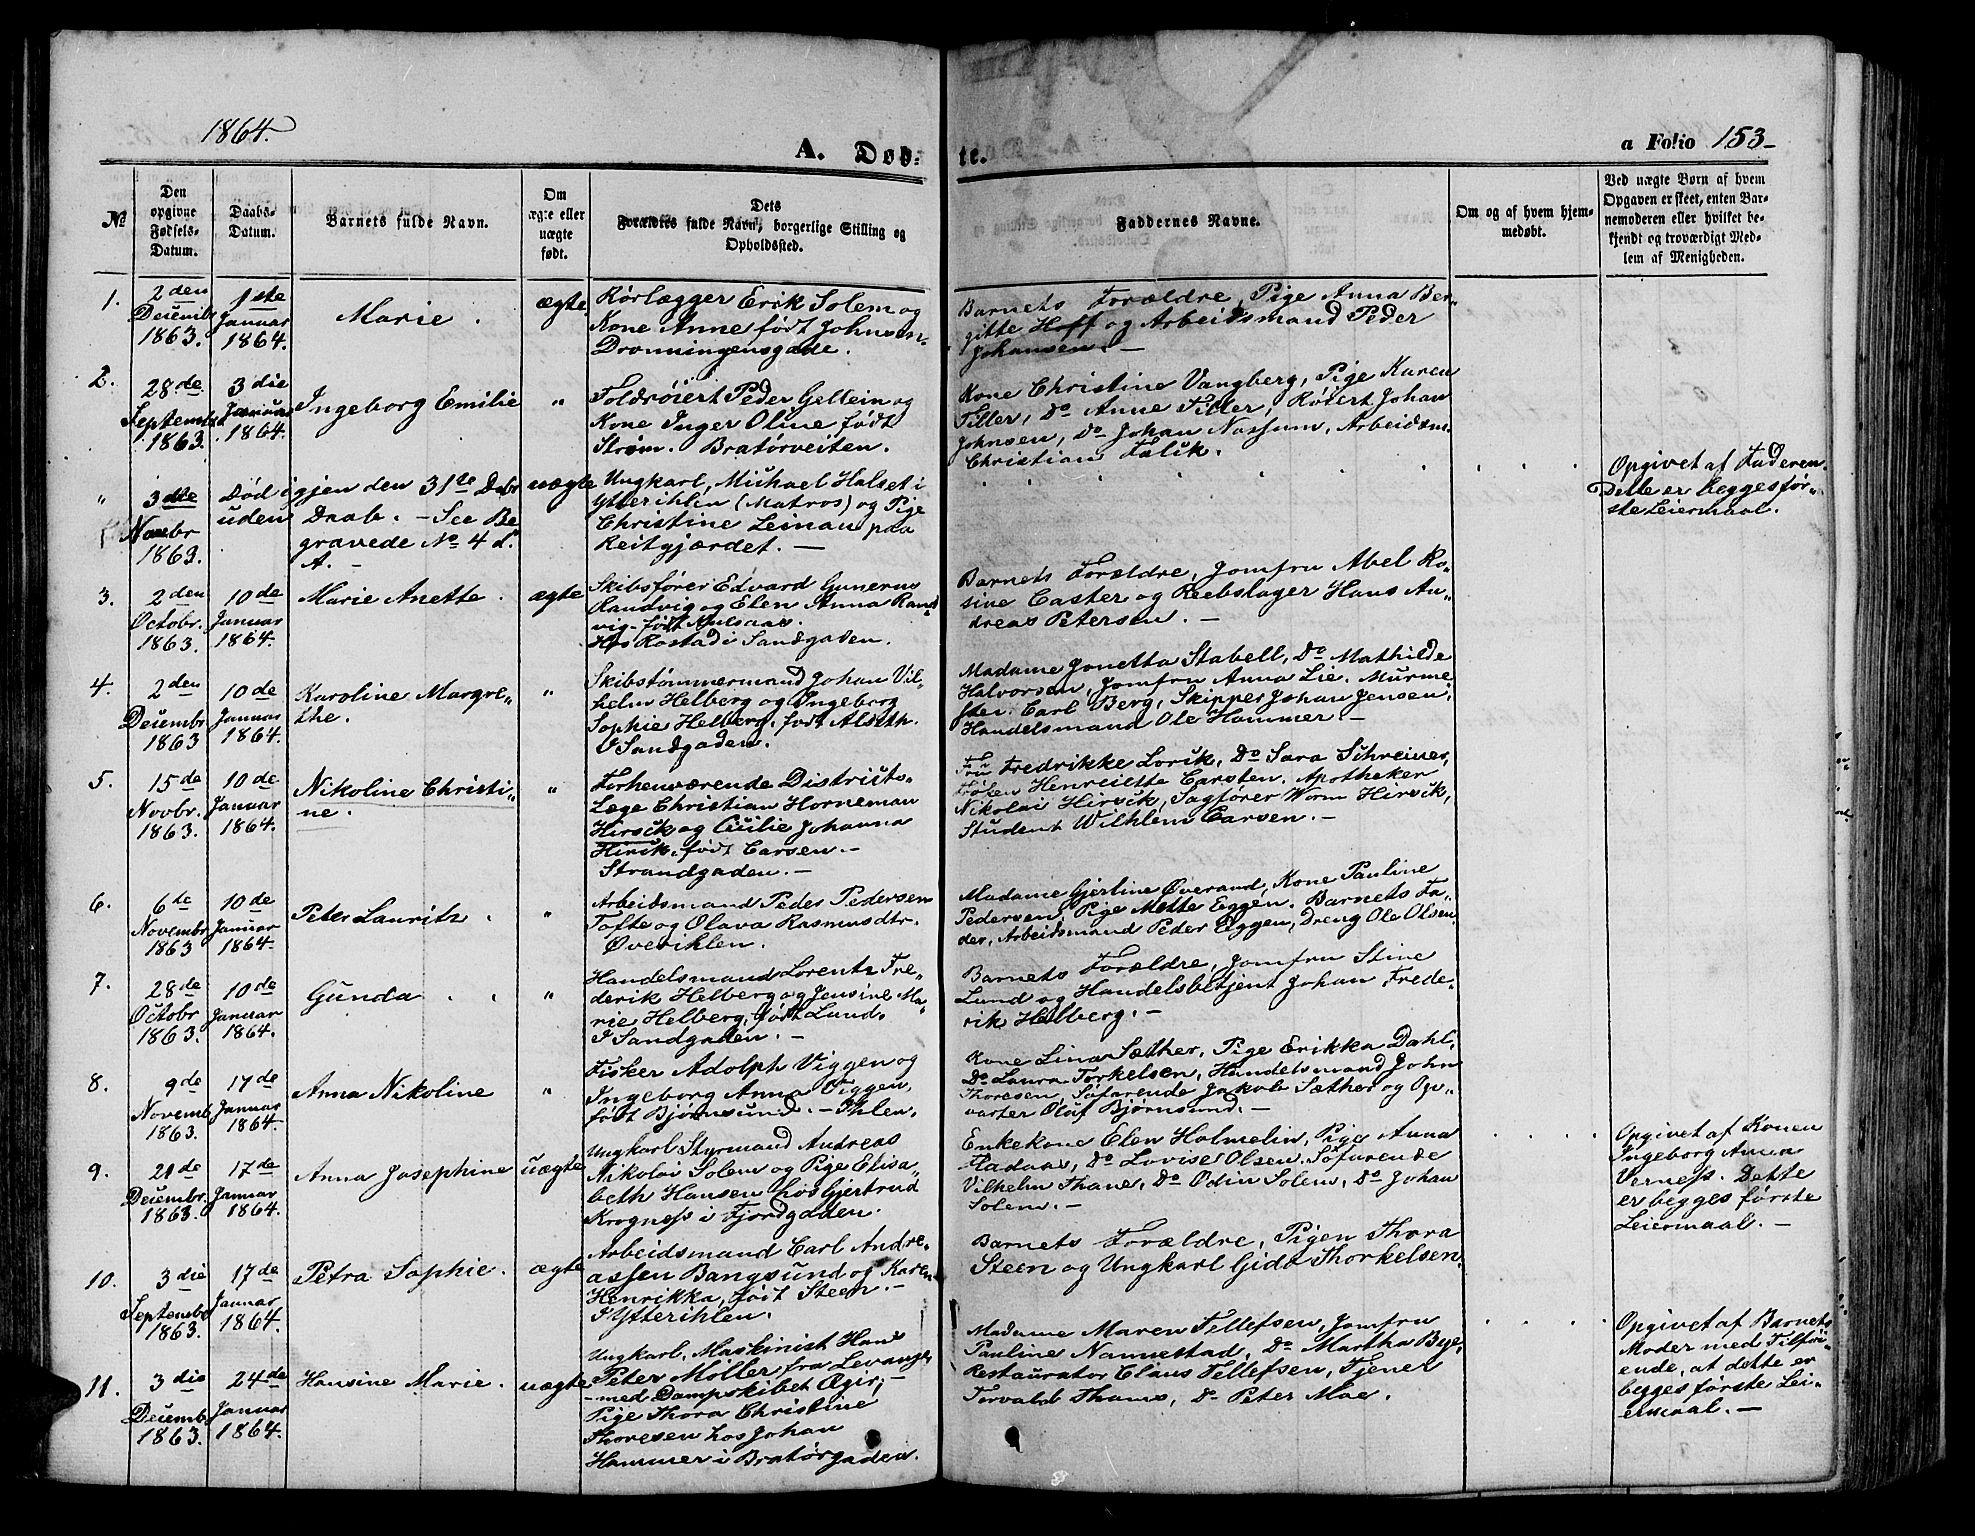 SAT, Ministerialprotokoller, klokkerbøker og fødselsregistre - Sør-Trøndelag, 602/L0139: Klokkerbok nr. 602C07, 1859-1864, s. 153